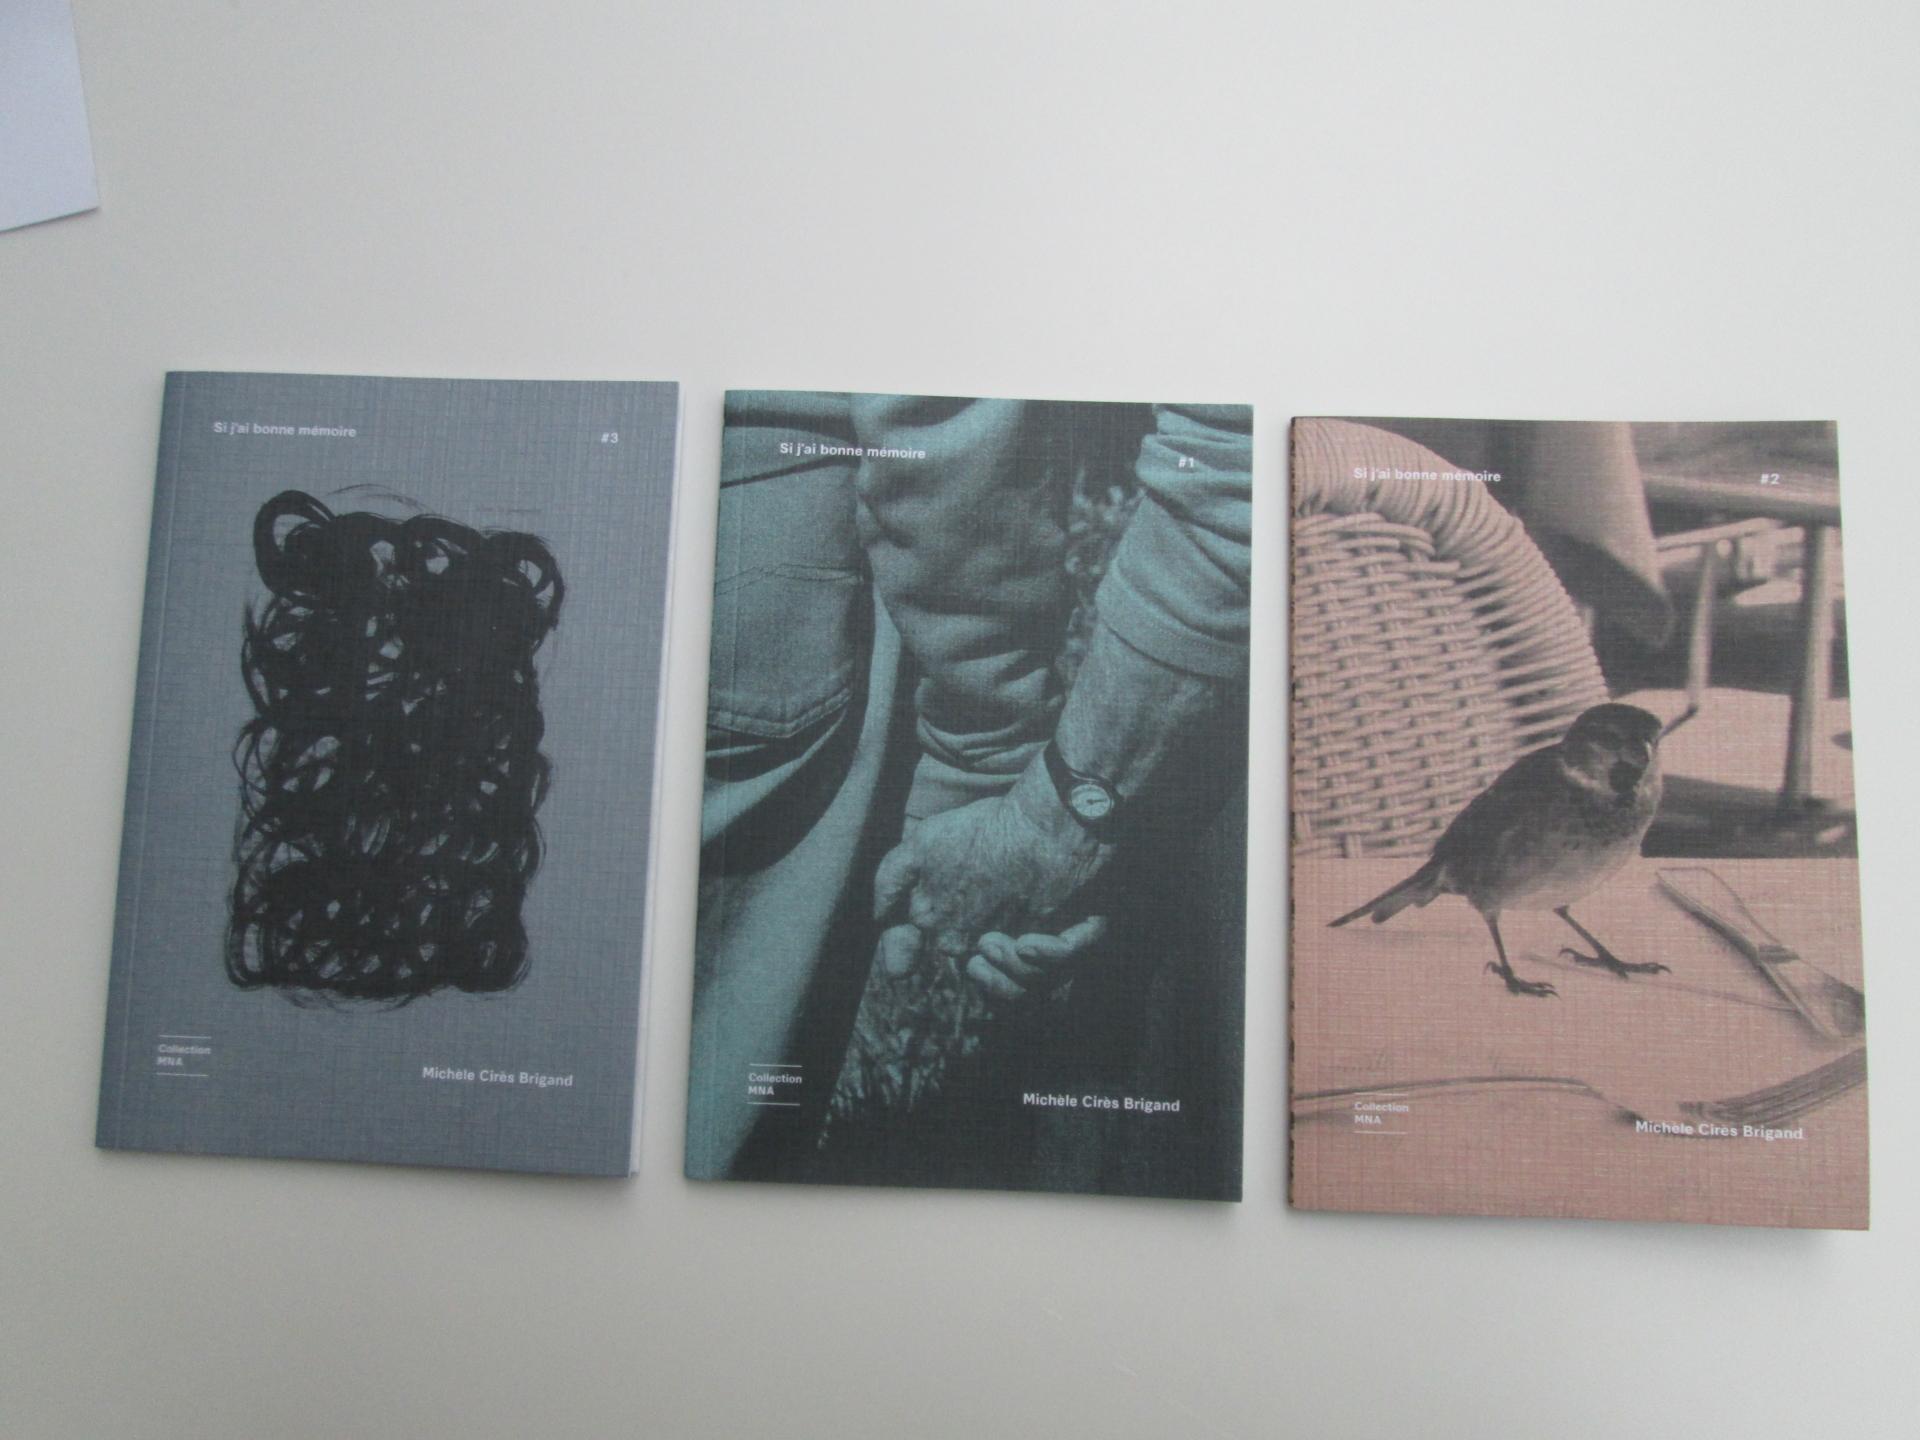 La collection MNA, trois livrets consacrés à la résidence de Michèle Cirès Brigand ,«Si j'ai bonne mémoire »